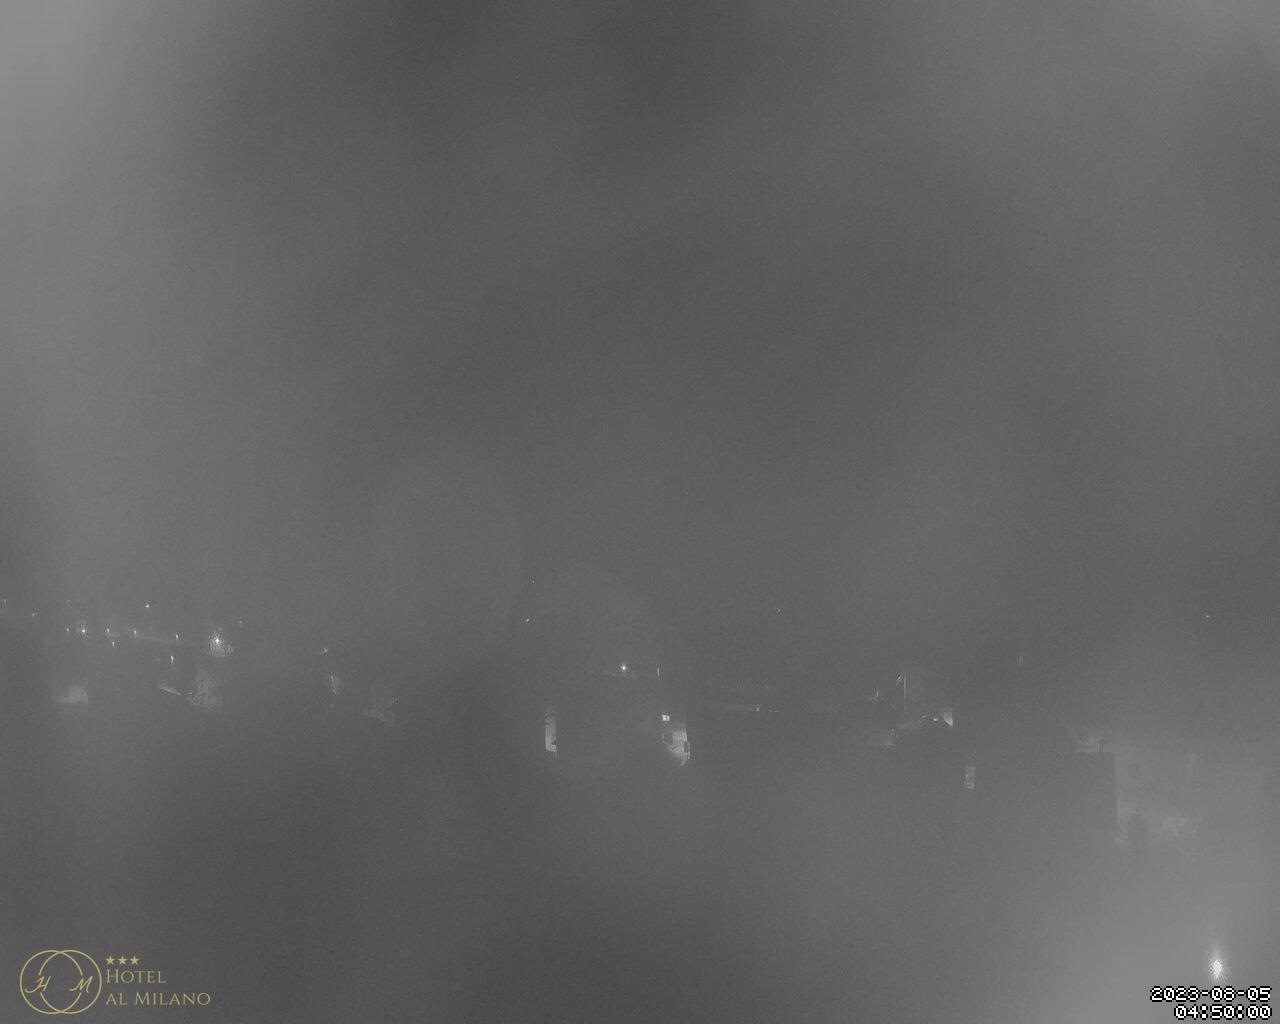 webcam - full screen